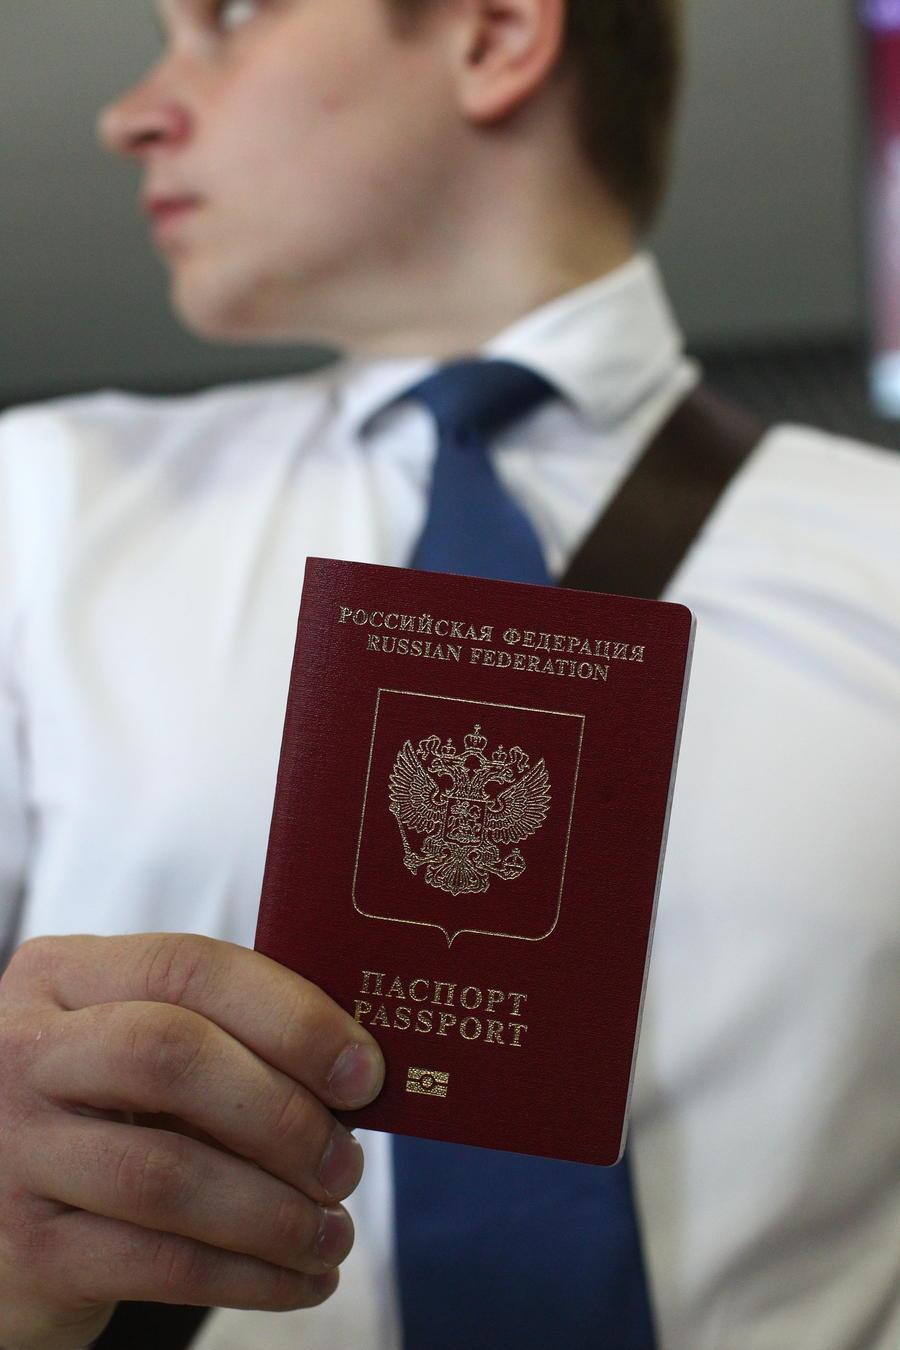 Облик российского паспорта предложили изменить в целях патриотического воспитания